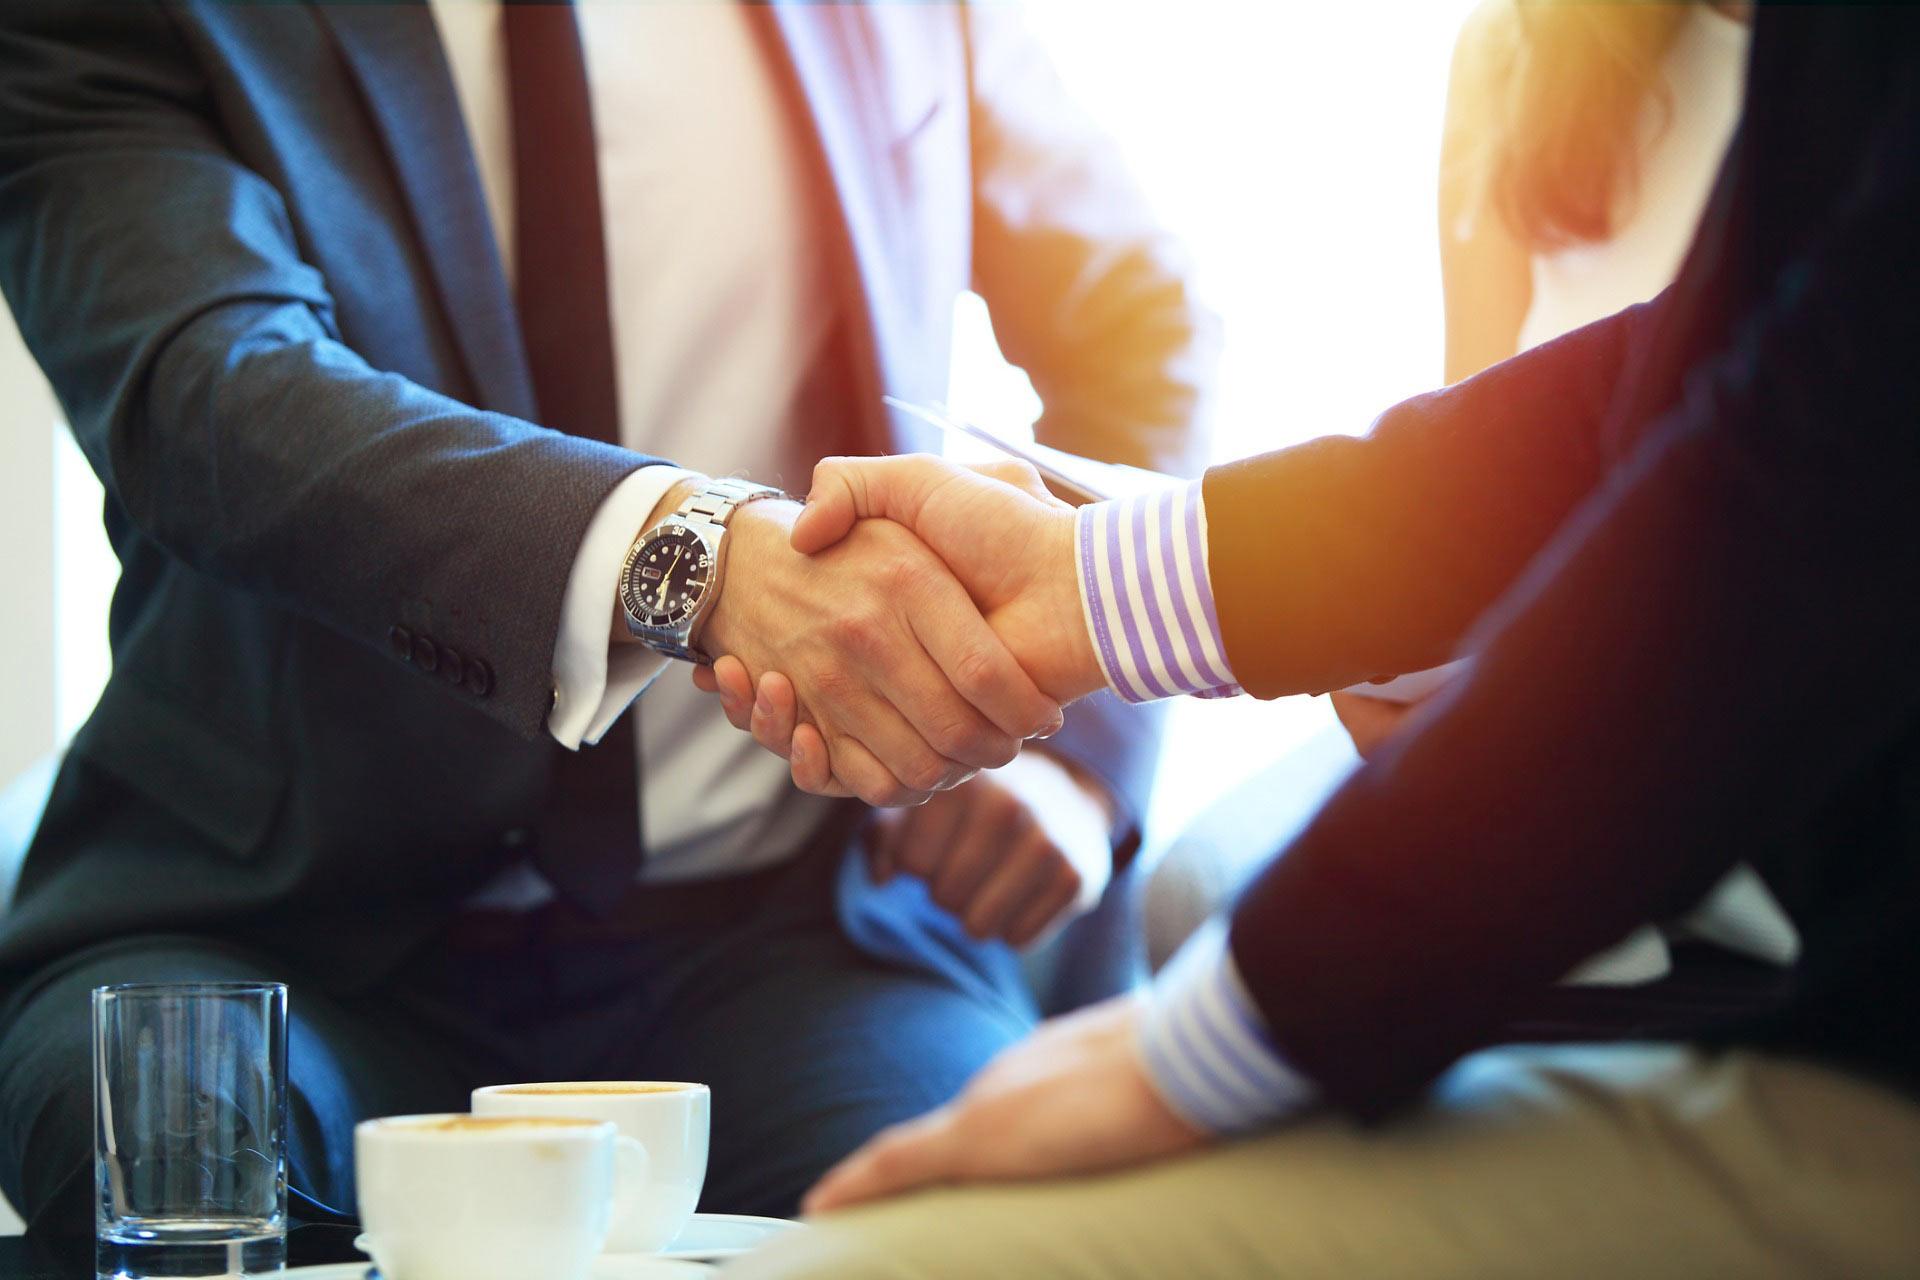 Бесплатный вебинар: Как начинающему предпринимателю собрать эффективную команду сотрудников с минимальными затратами